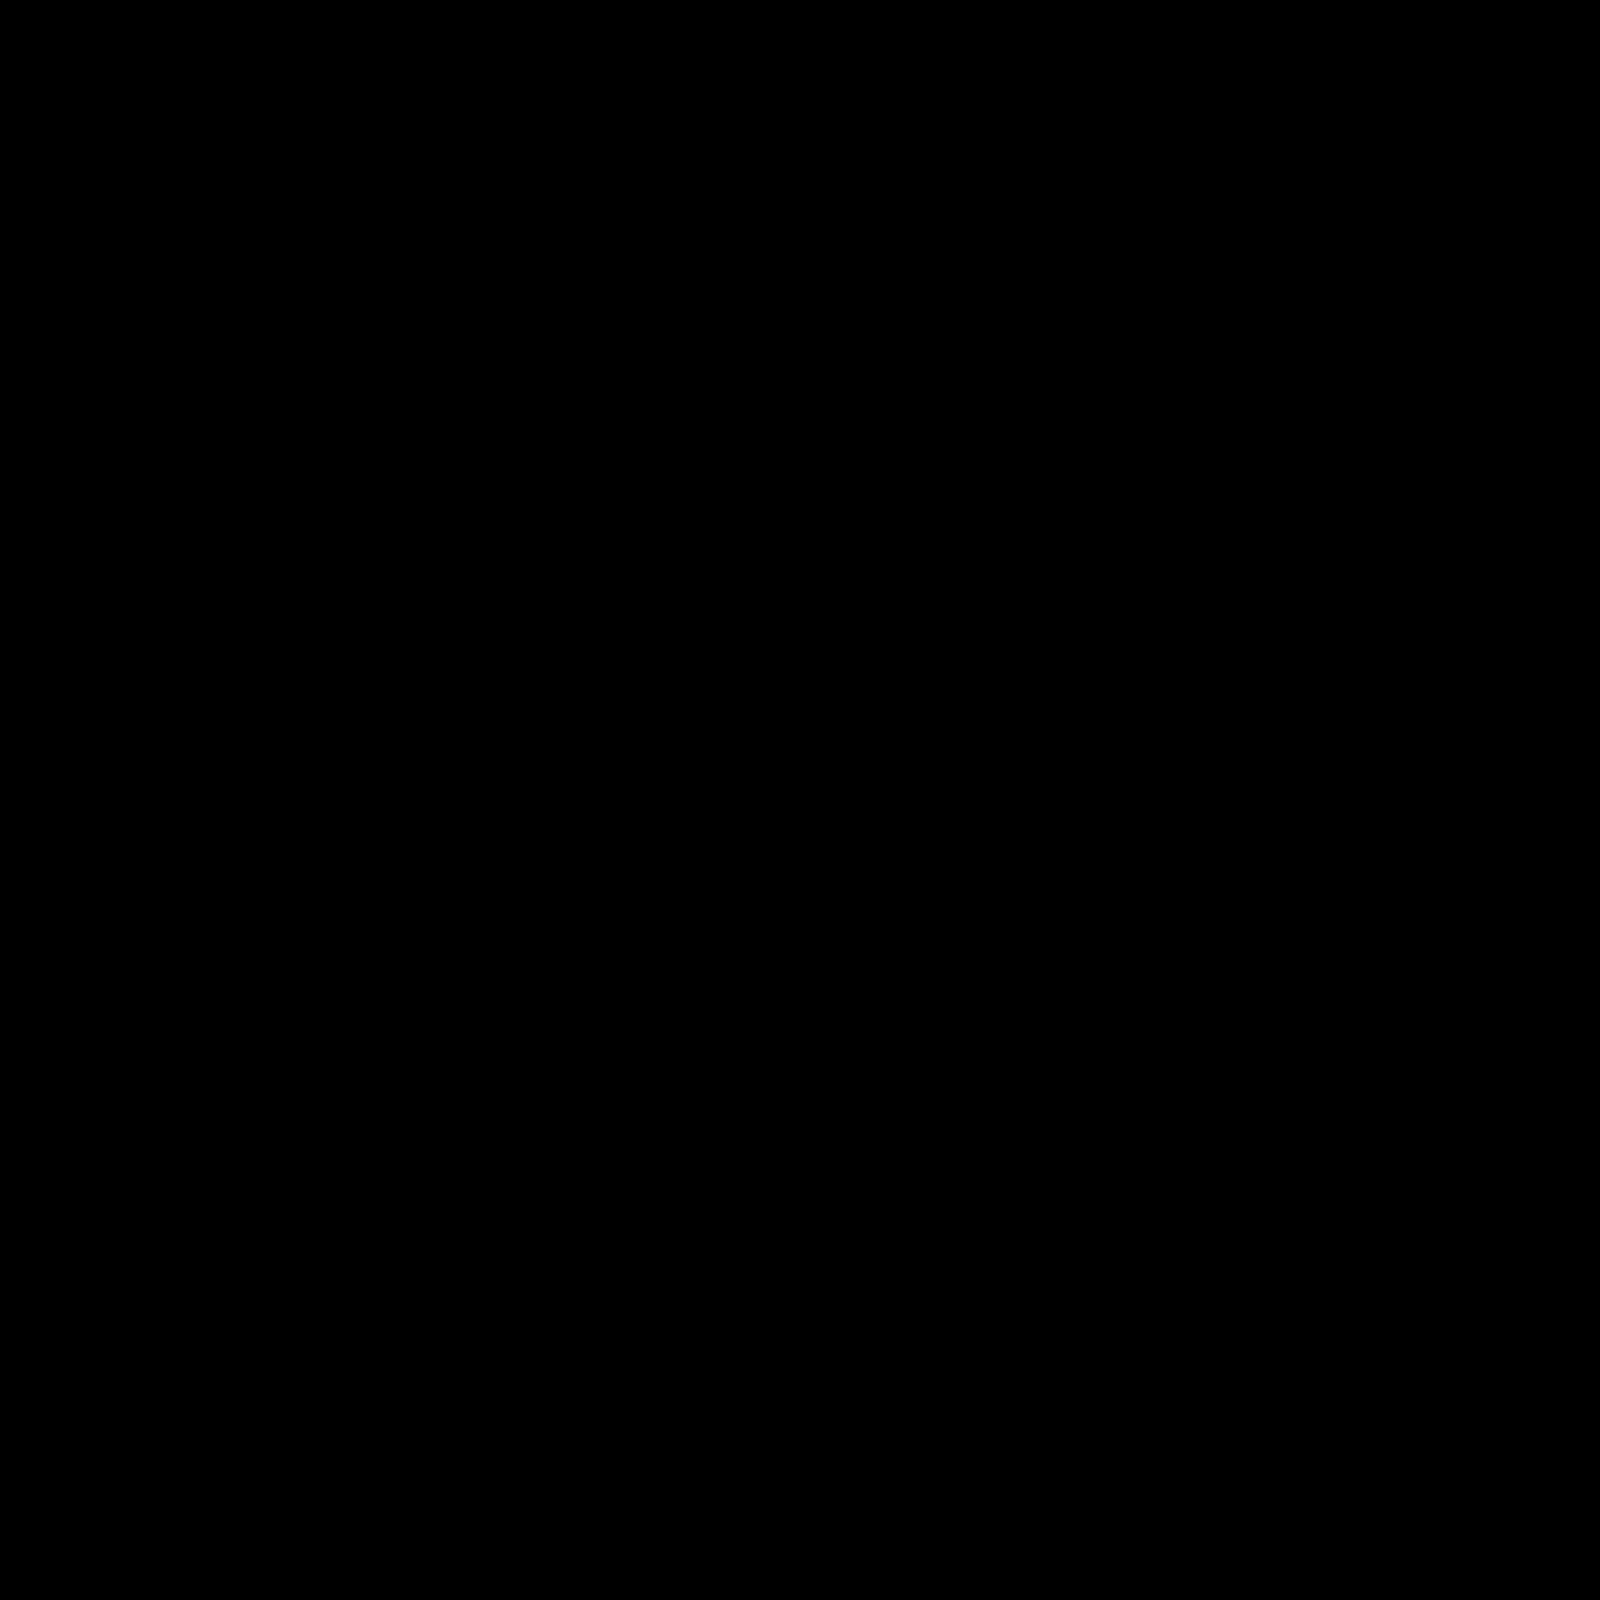 Zakreślone W icon